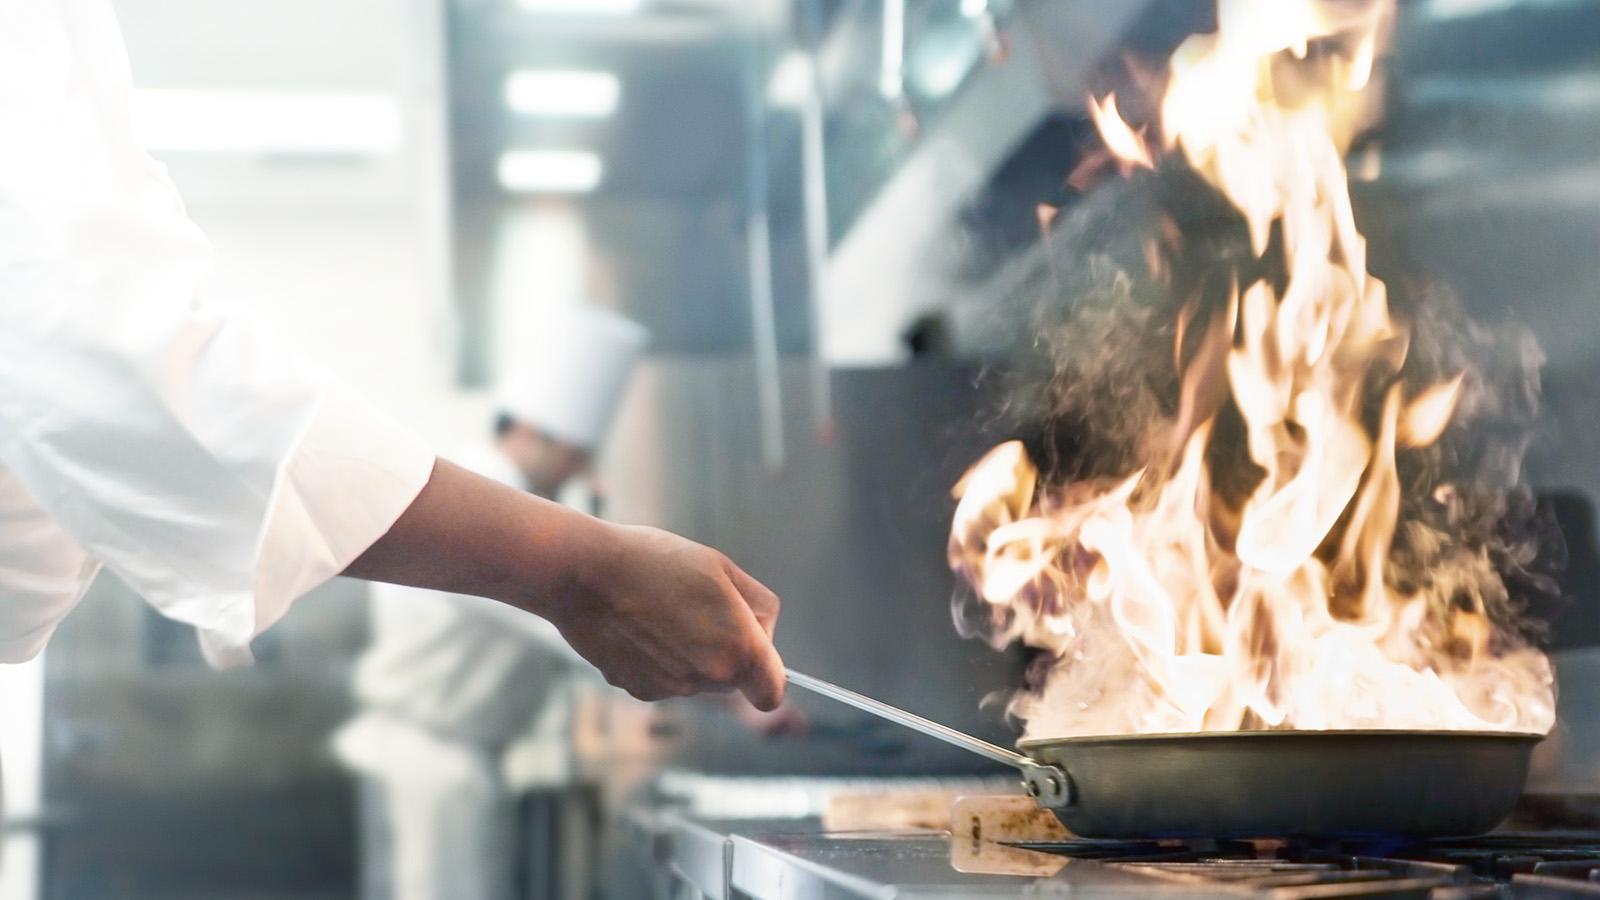 Brandschutz in Küchen und Co - CWS Fire Safety Keyvisual